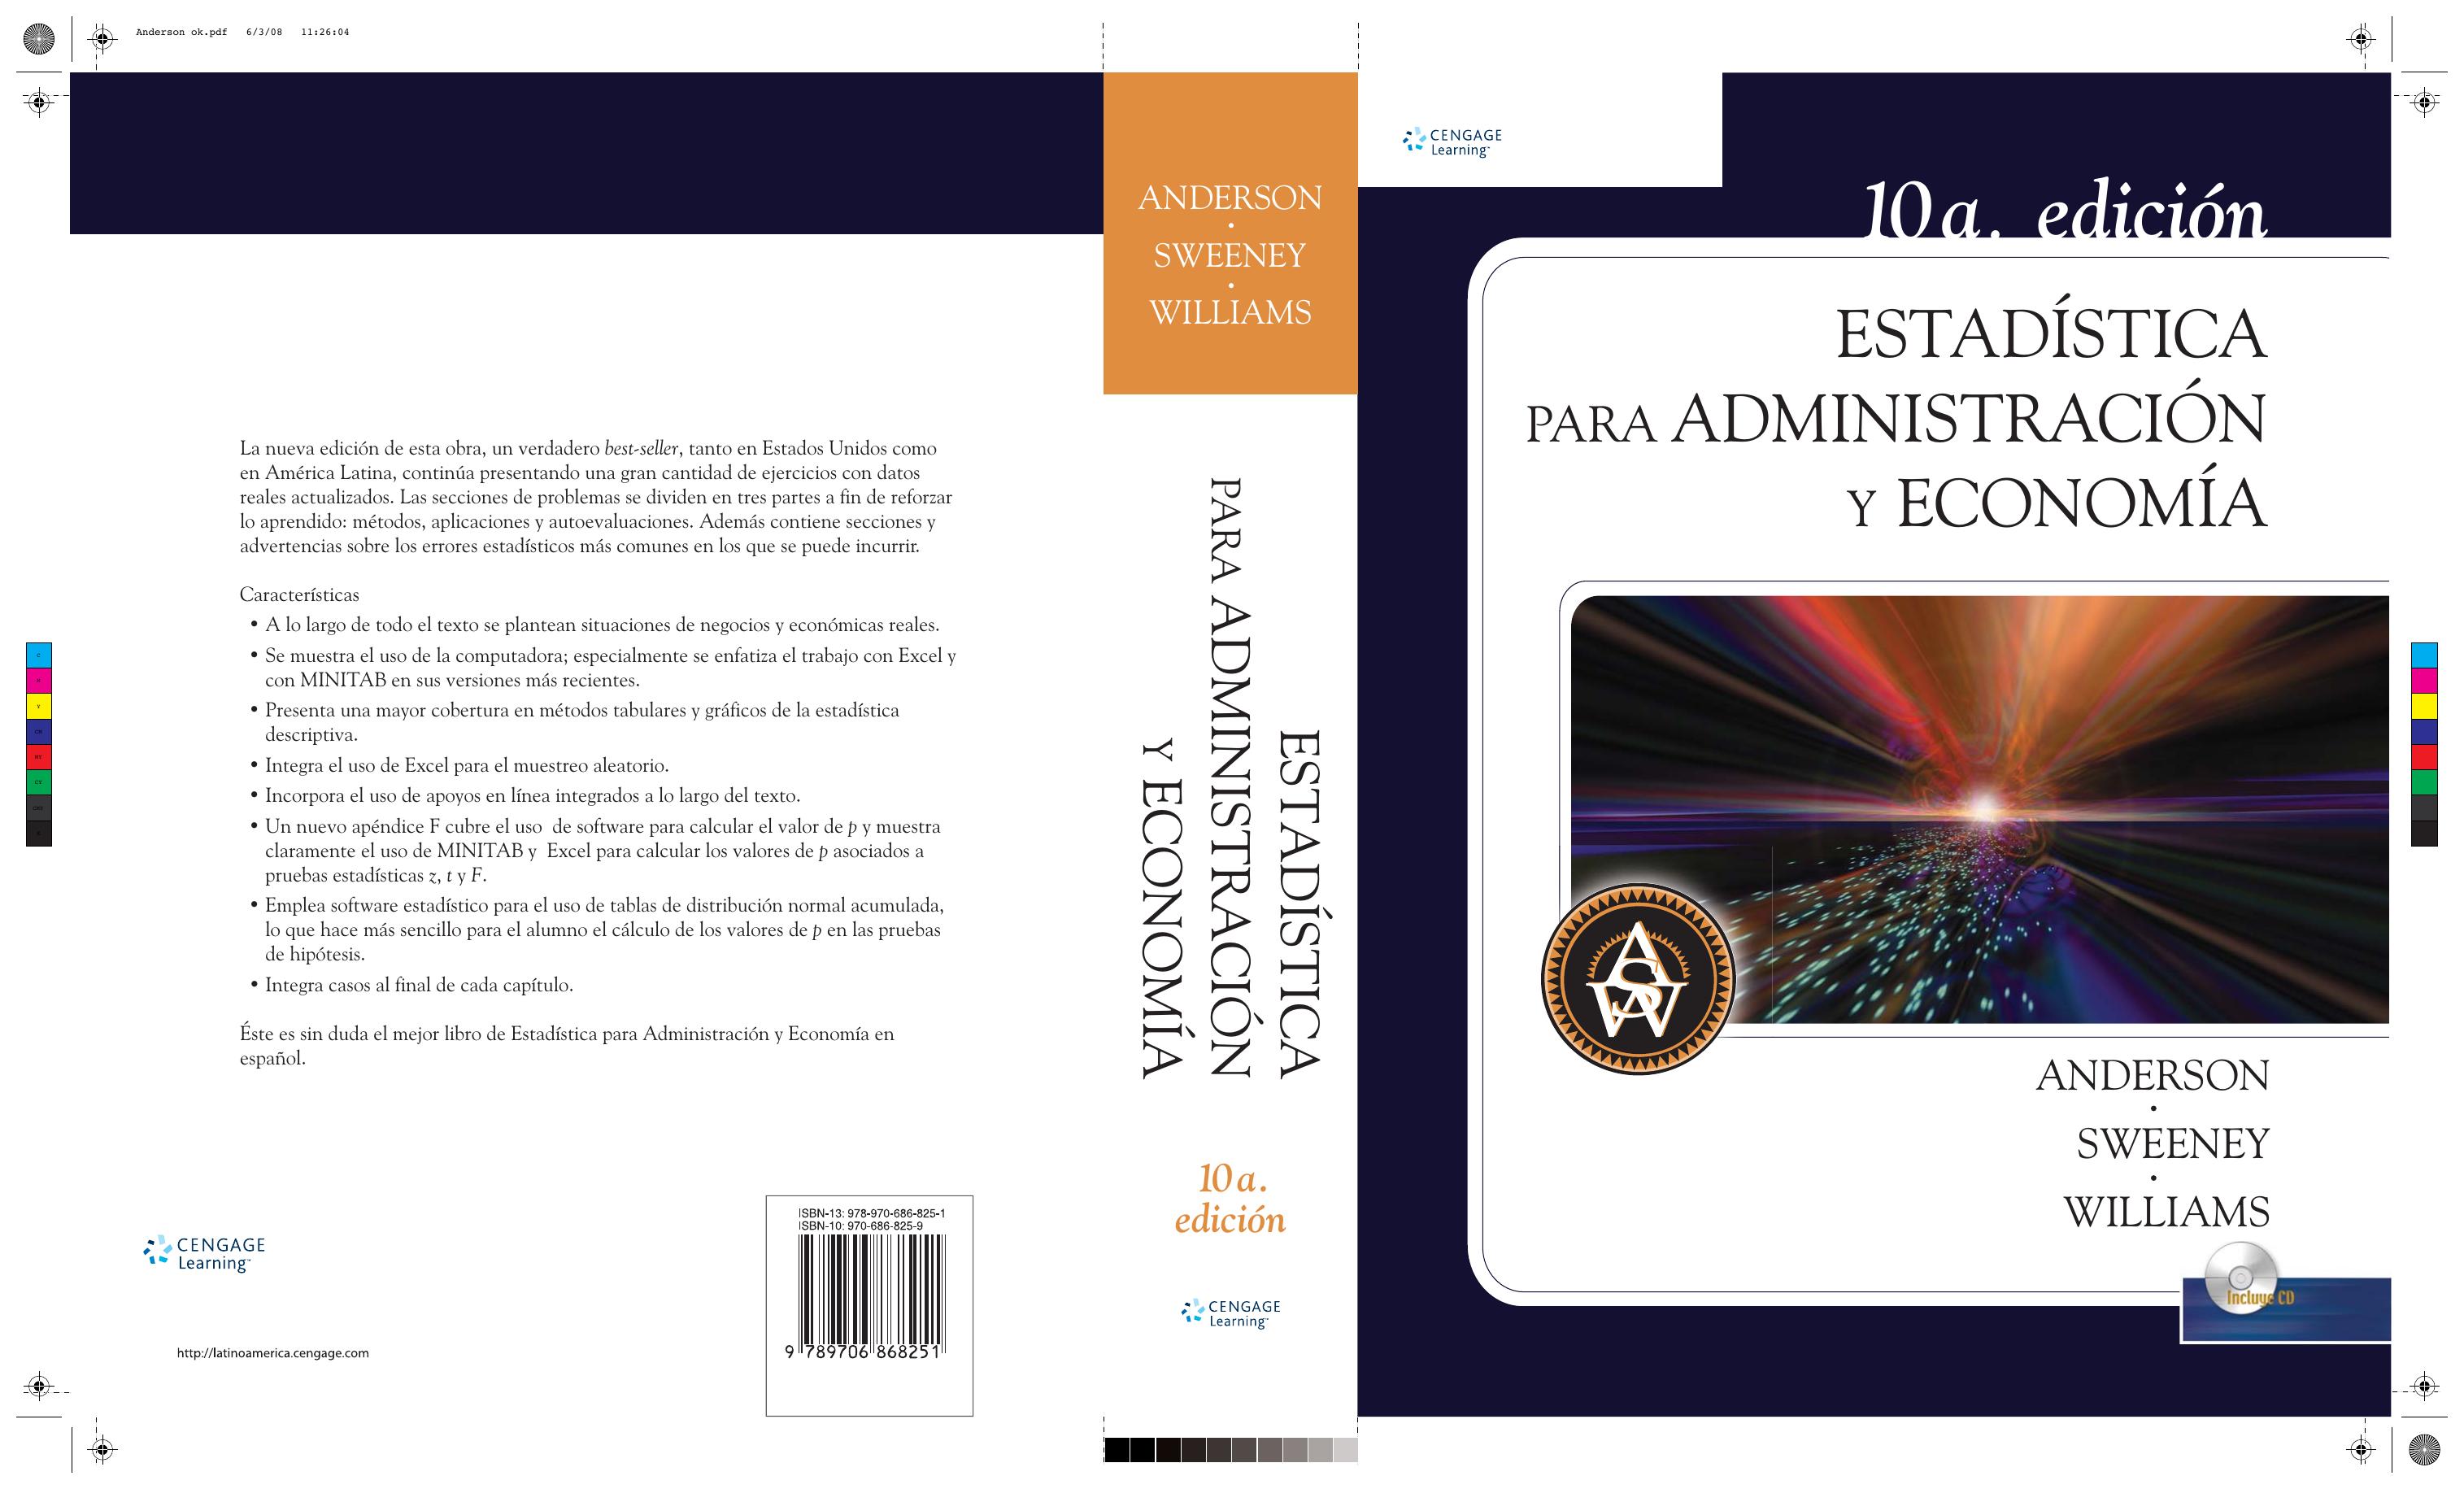 Seguro de extensi/ón de garant/ía para aver/ías de 2 a/ños para equipamiento de oficina desde 1500,00 EUR hasta 1599,99 EUR Protect